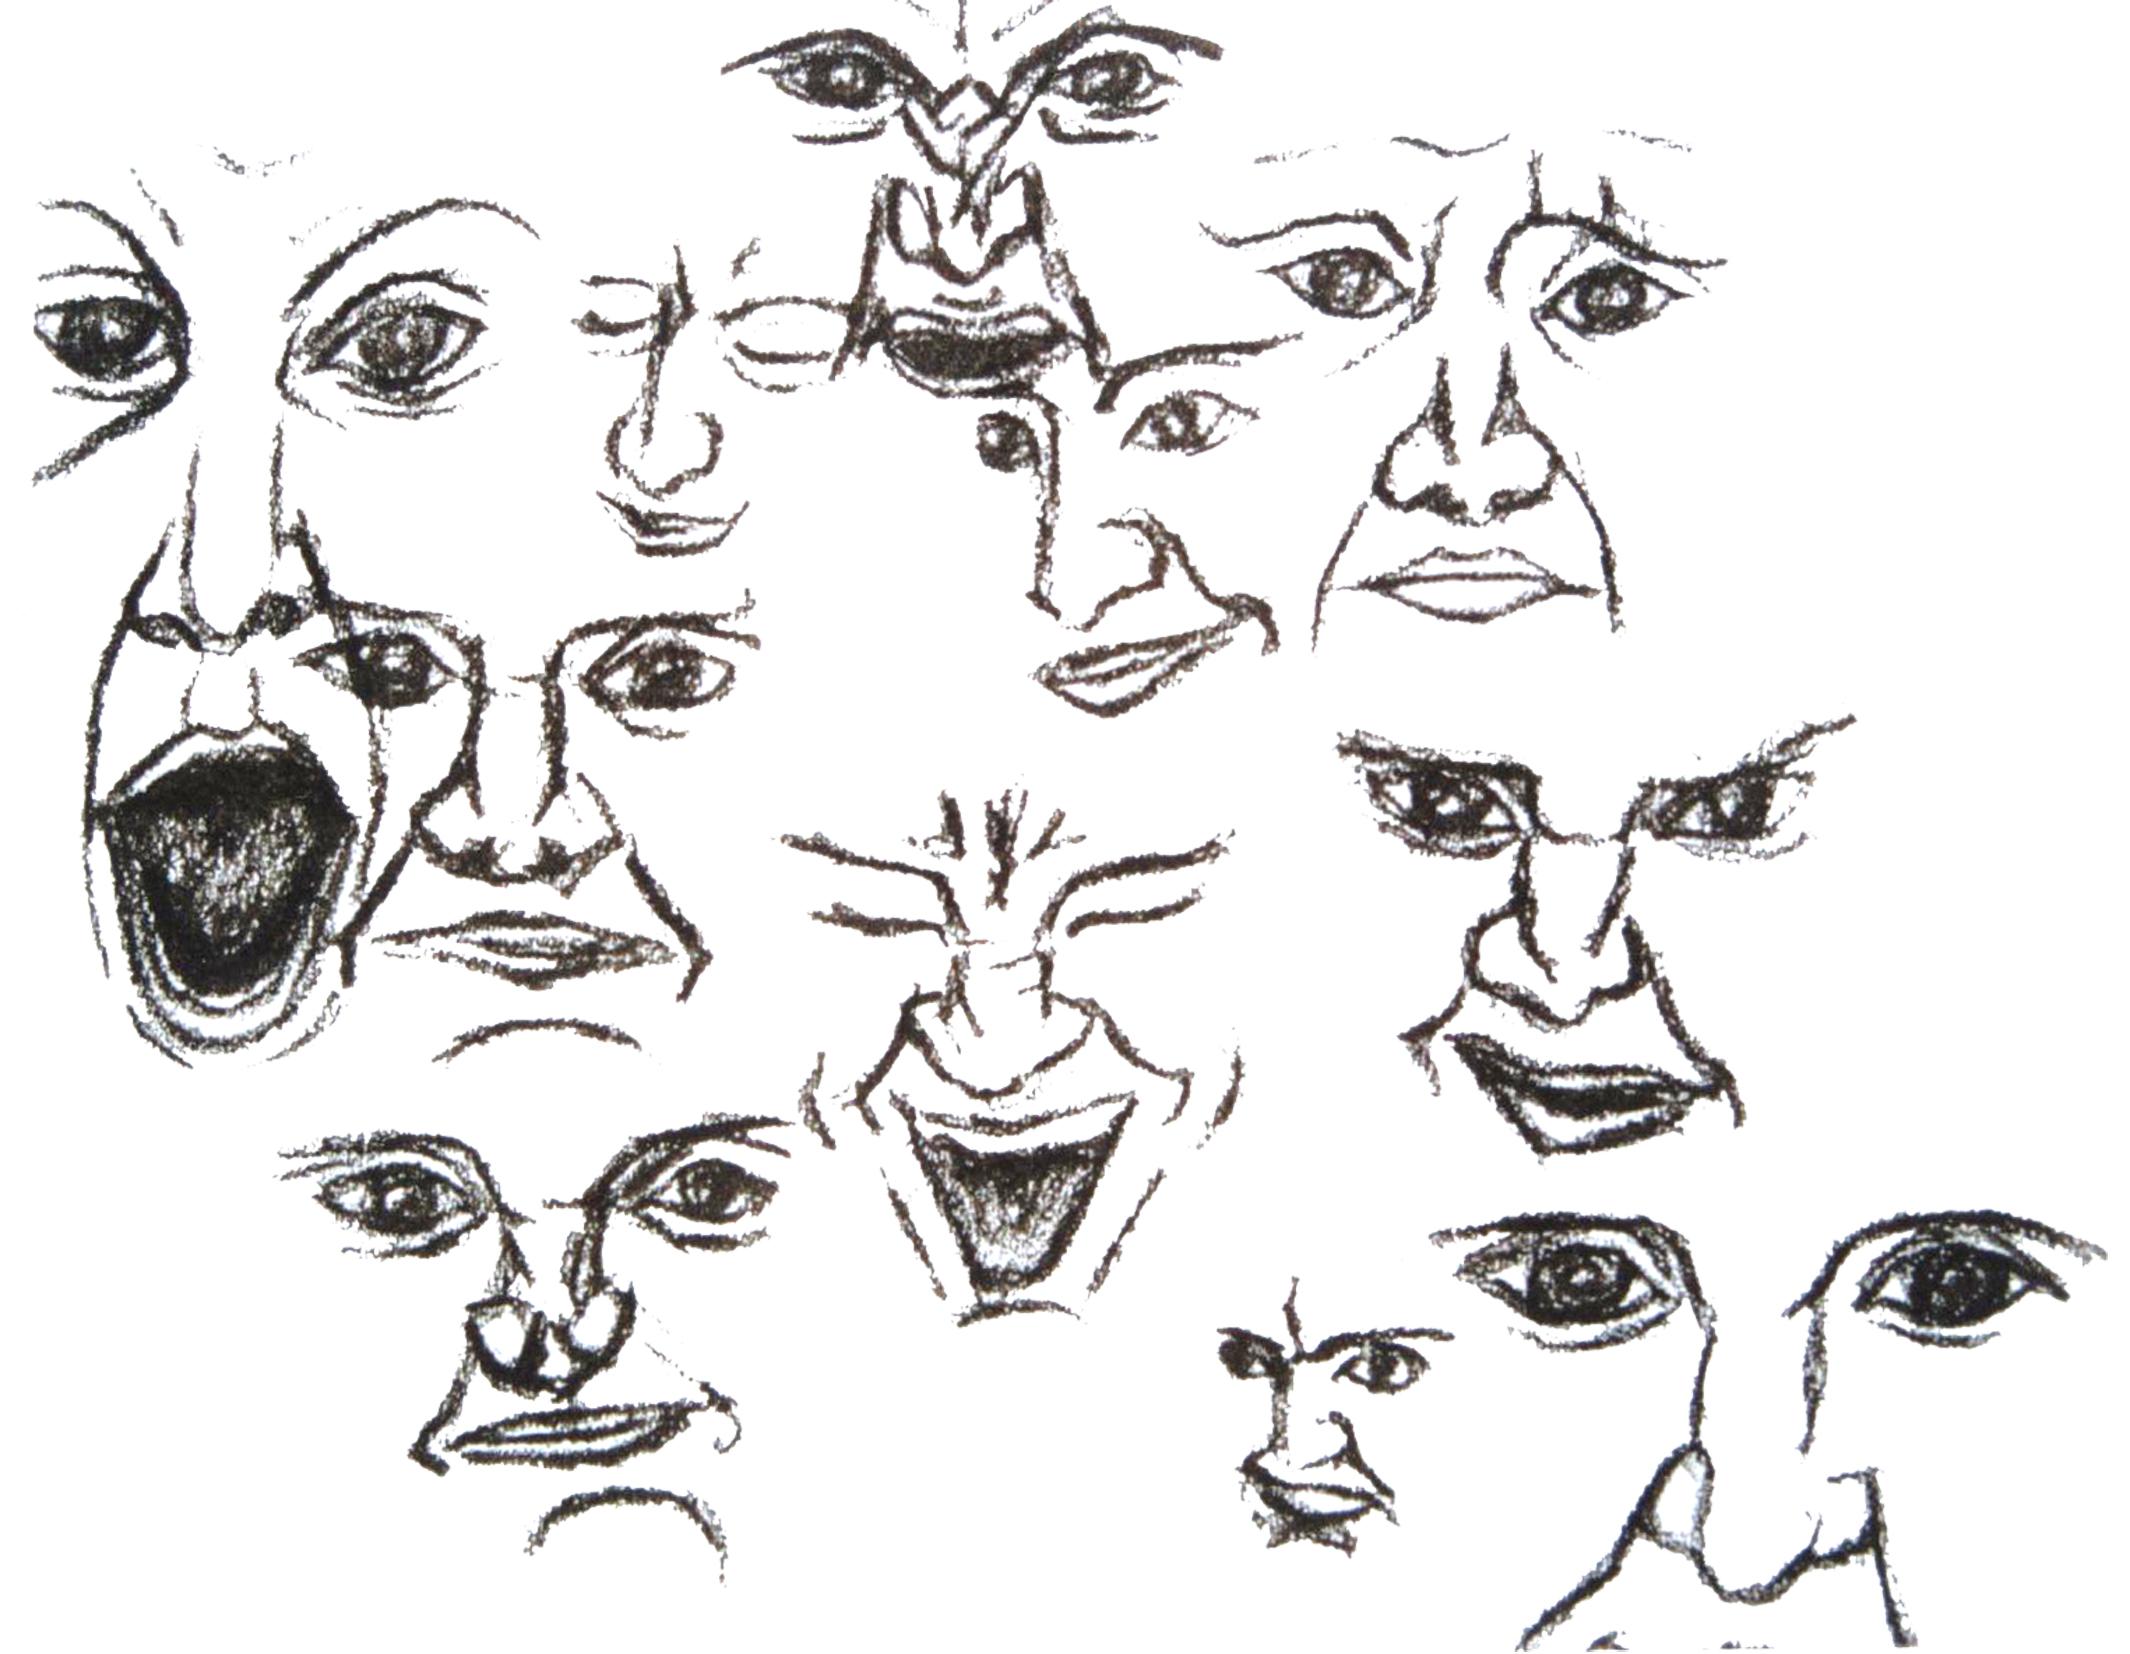 visage55